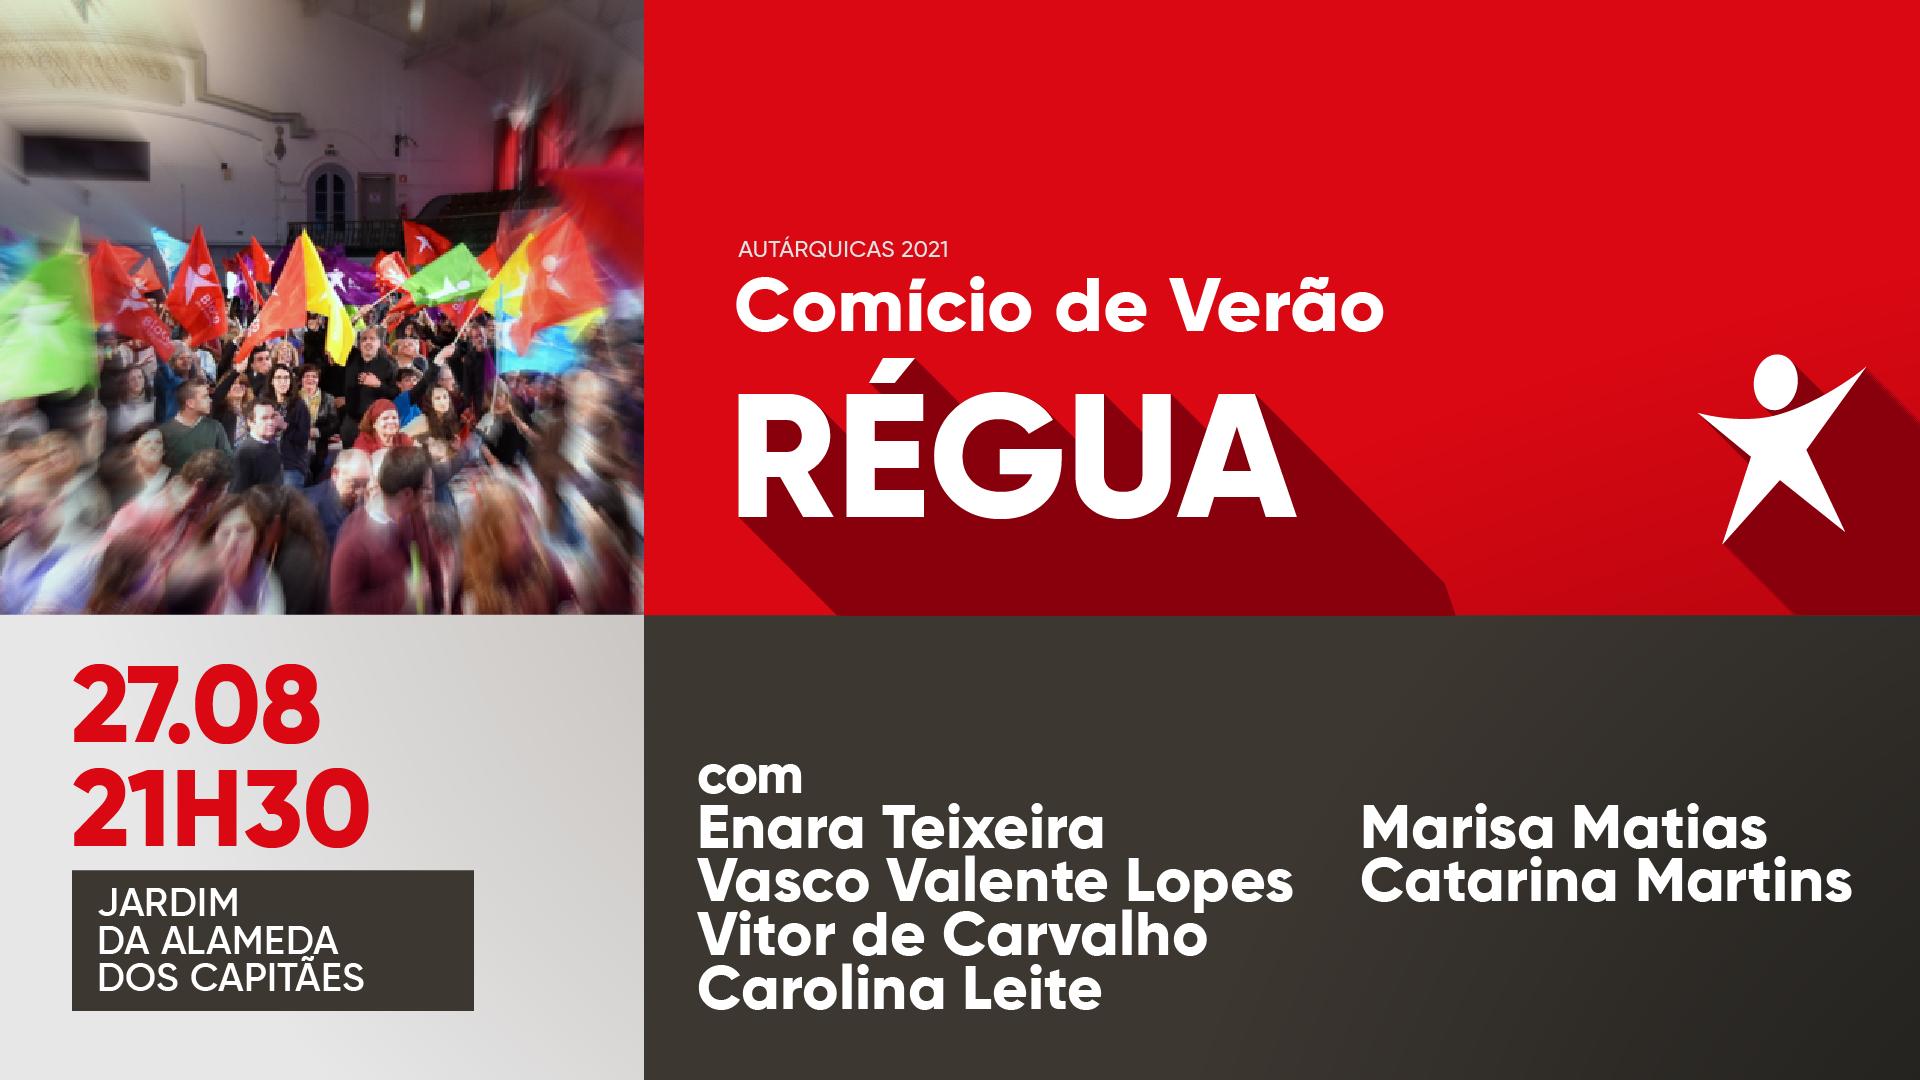 Comício de Verão com Catarina Martins e Marisa Matias no Peso da Régua